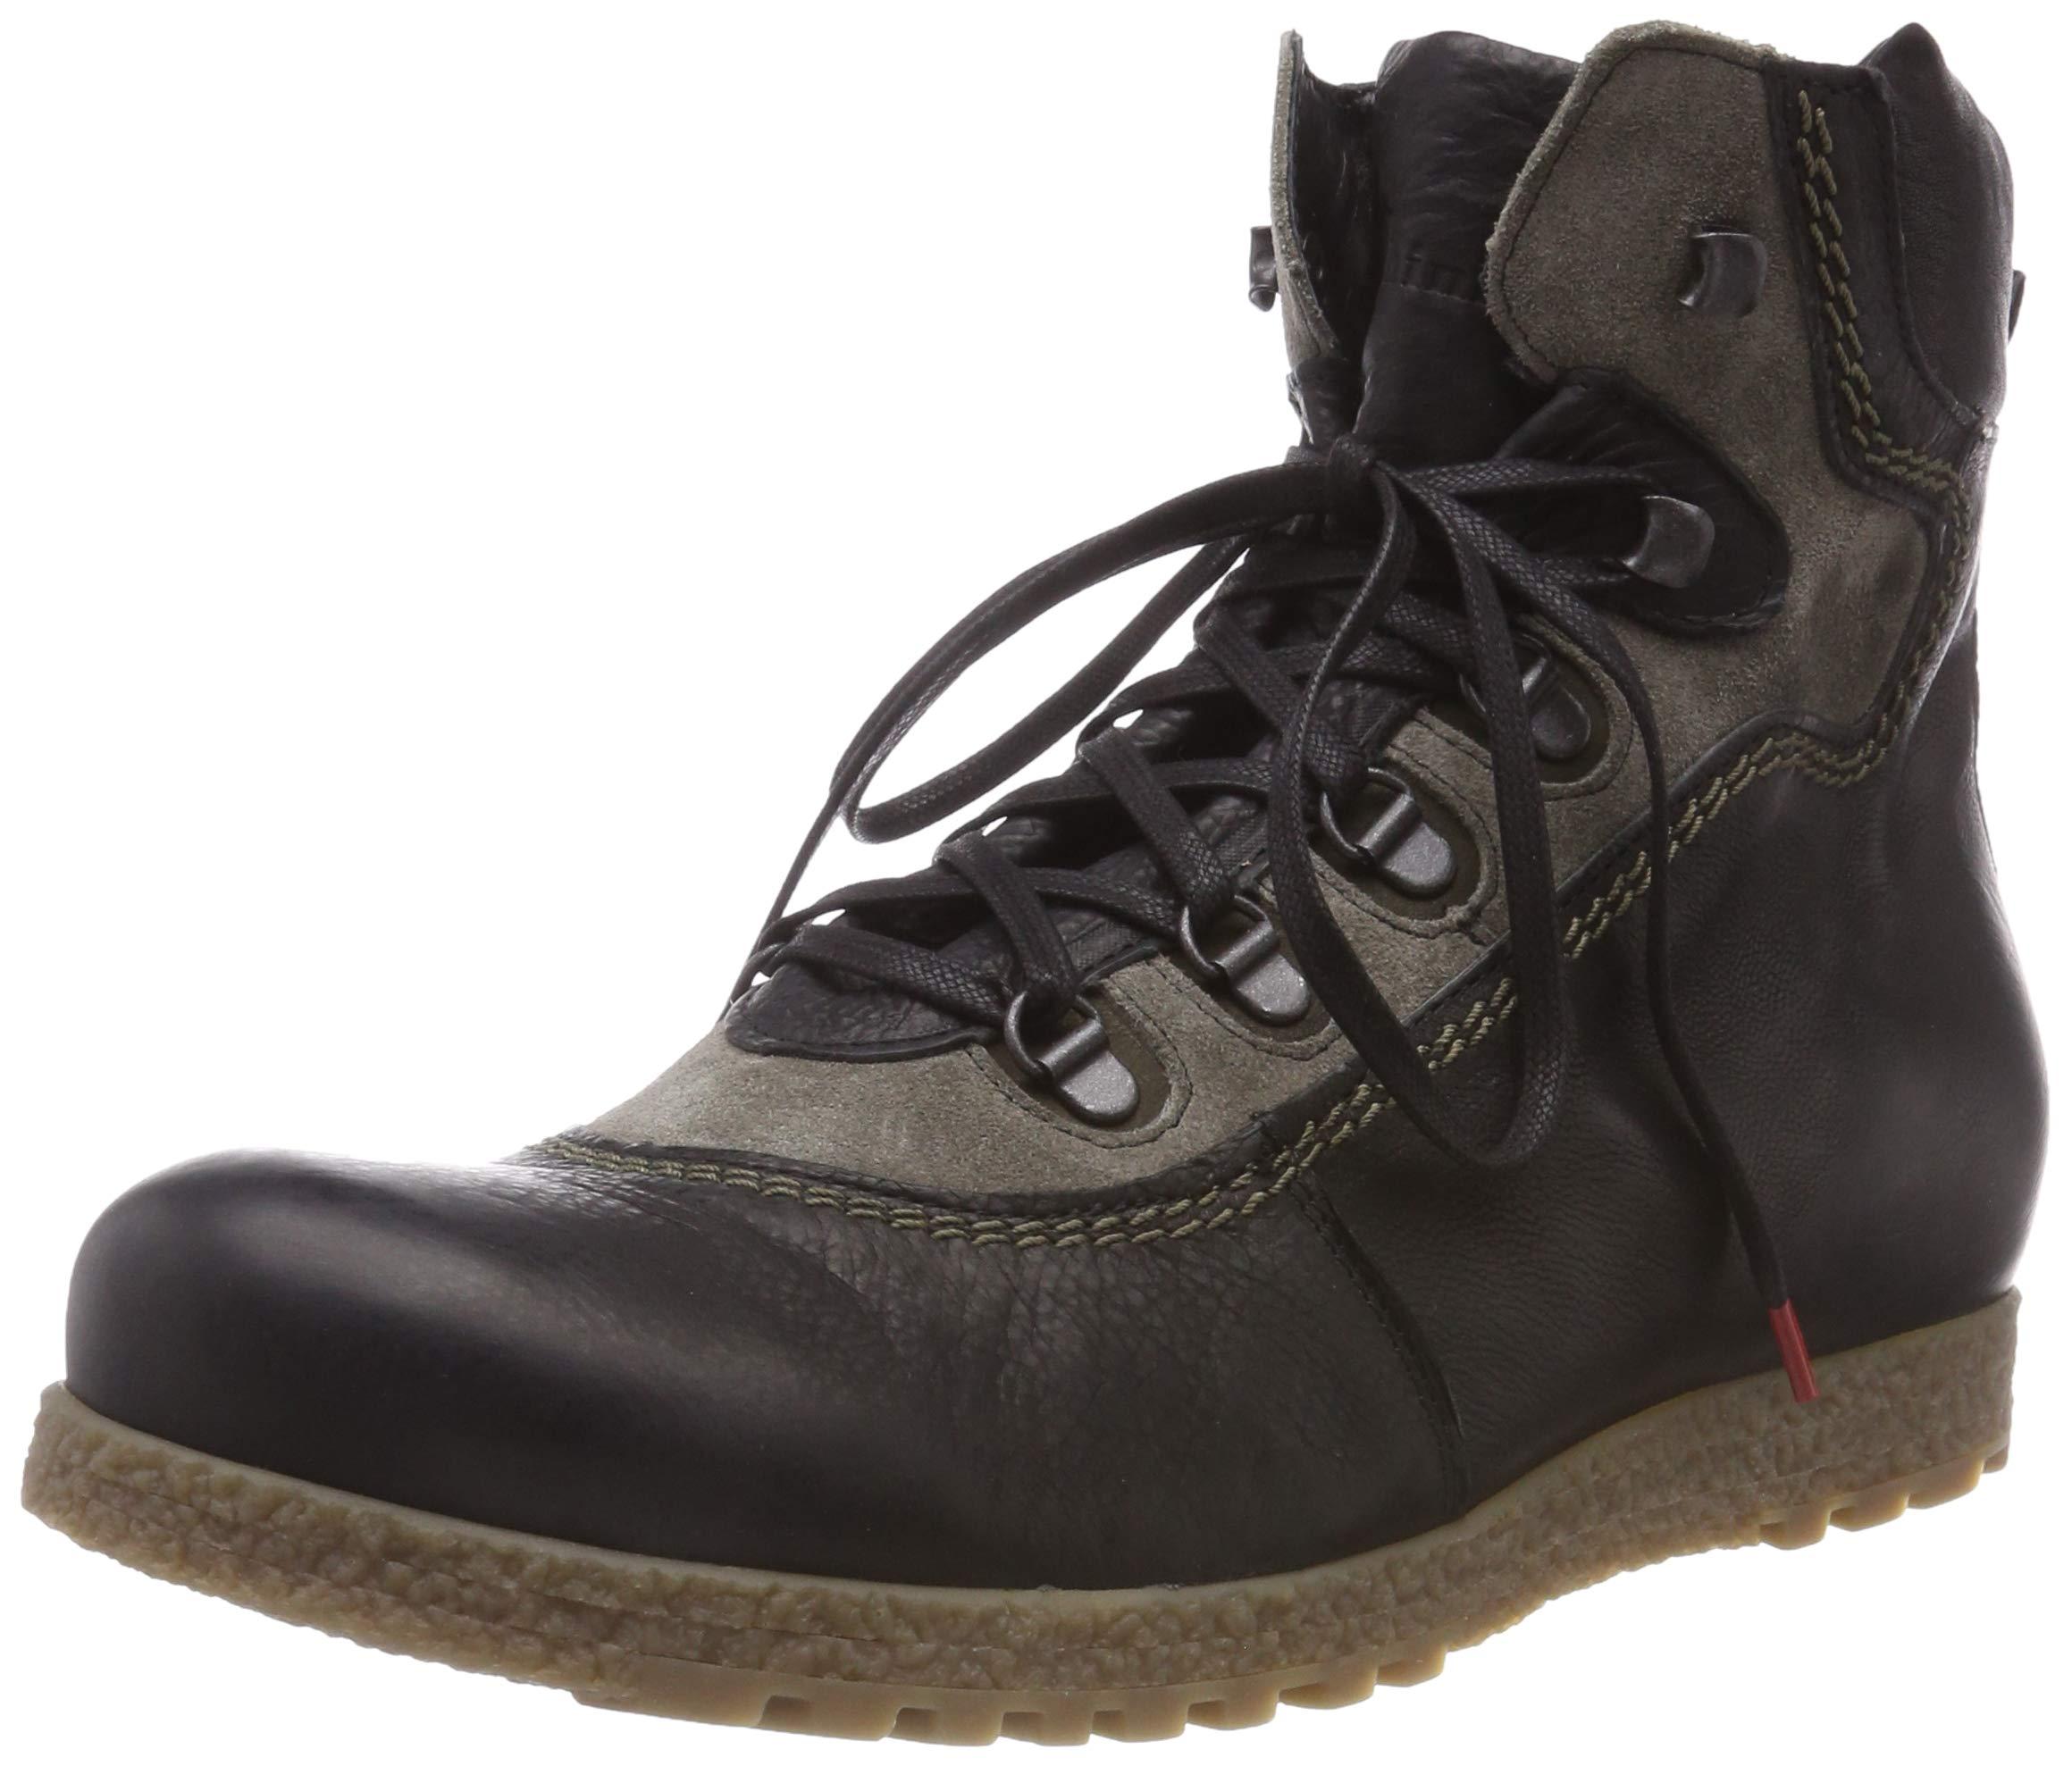 Homme09sz kombi42 5 Boots ThinkGrod 383624Desert Eu QrexdCWEBo